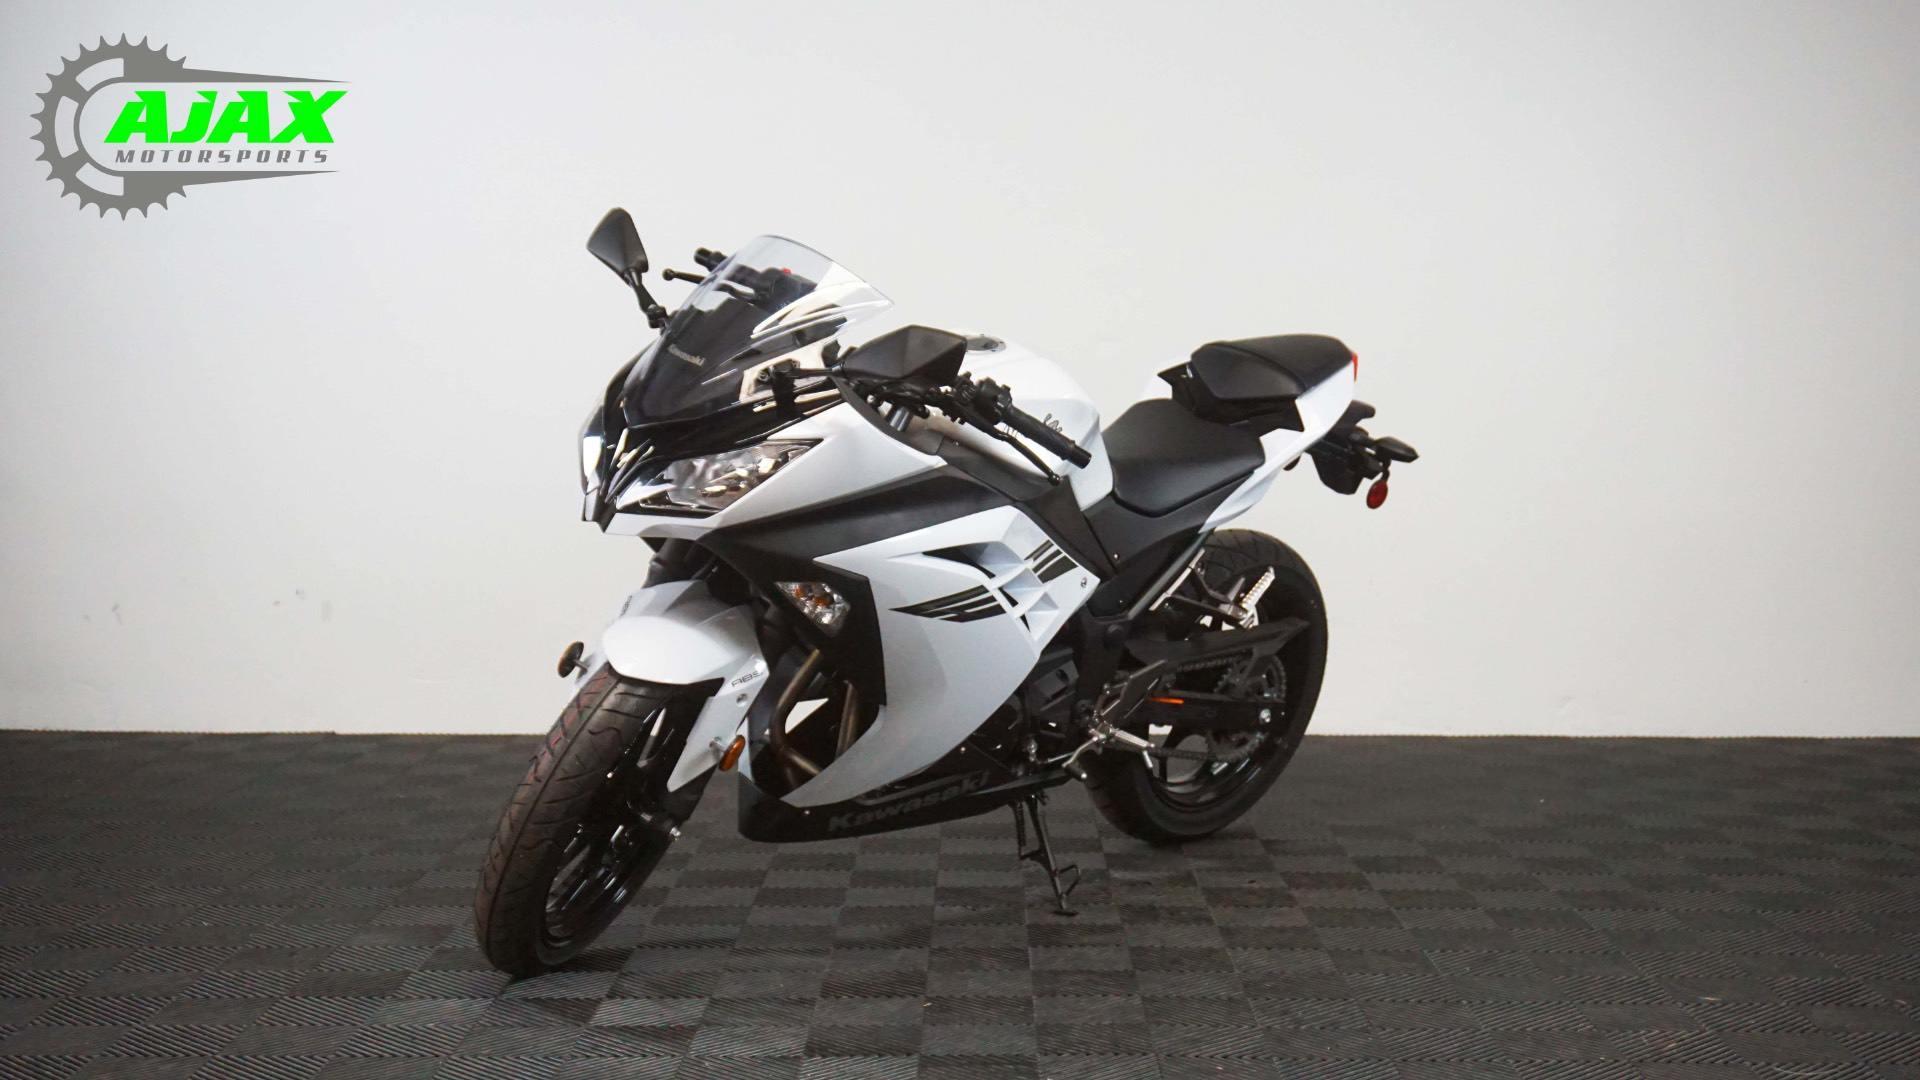 New 2017 Kawasaki Ninja 300 Abs Motorcycles In Oklahoma City Ok